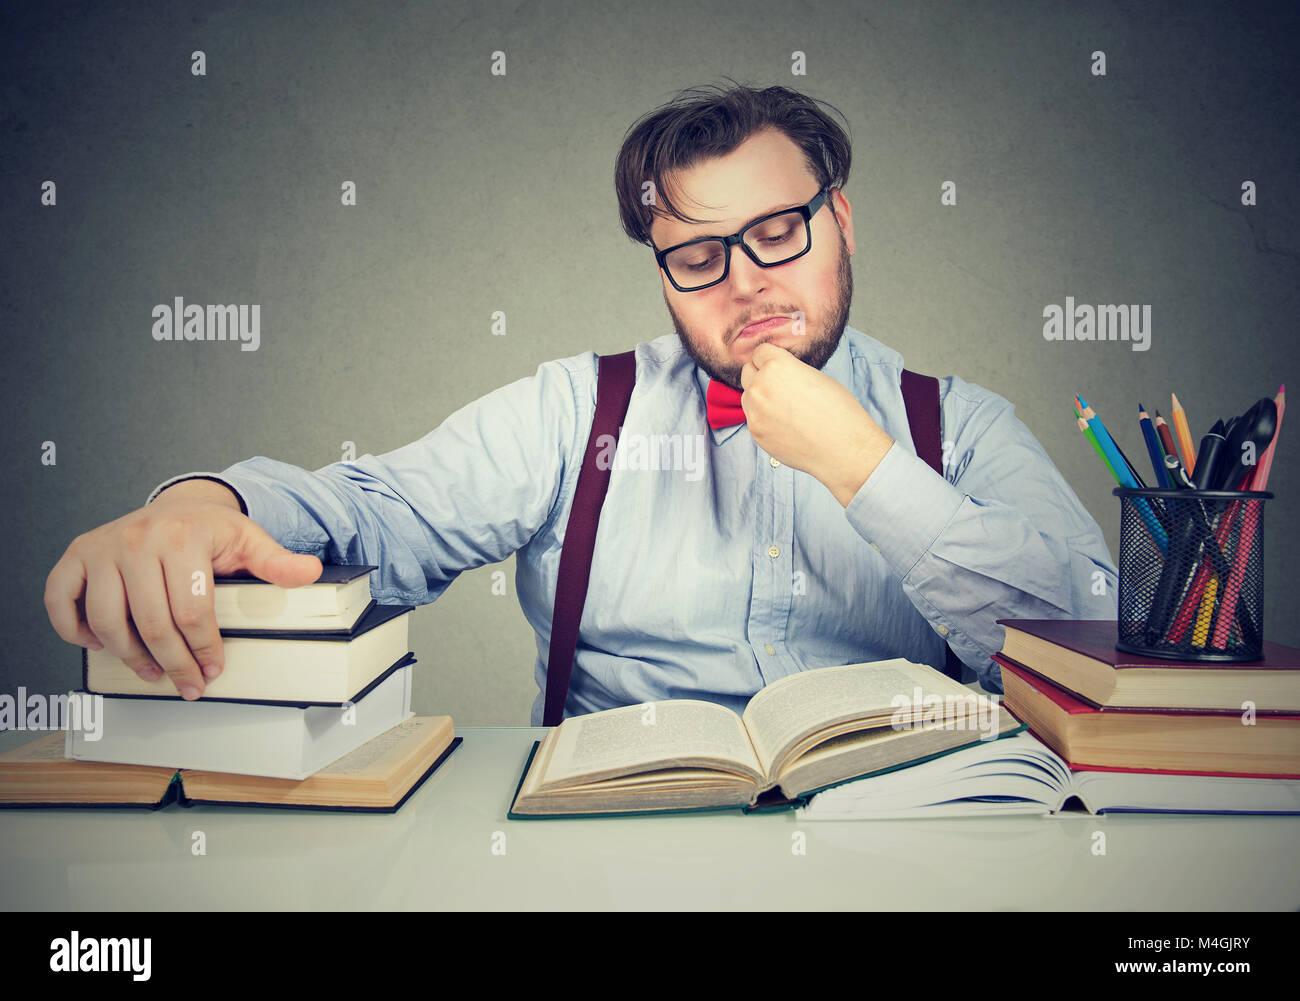 Joven fornido hombre sentado en un escritorio y leyendo libros Imagen De Stock